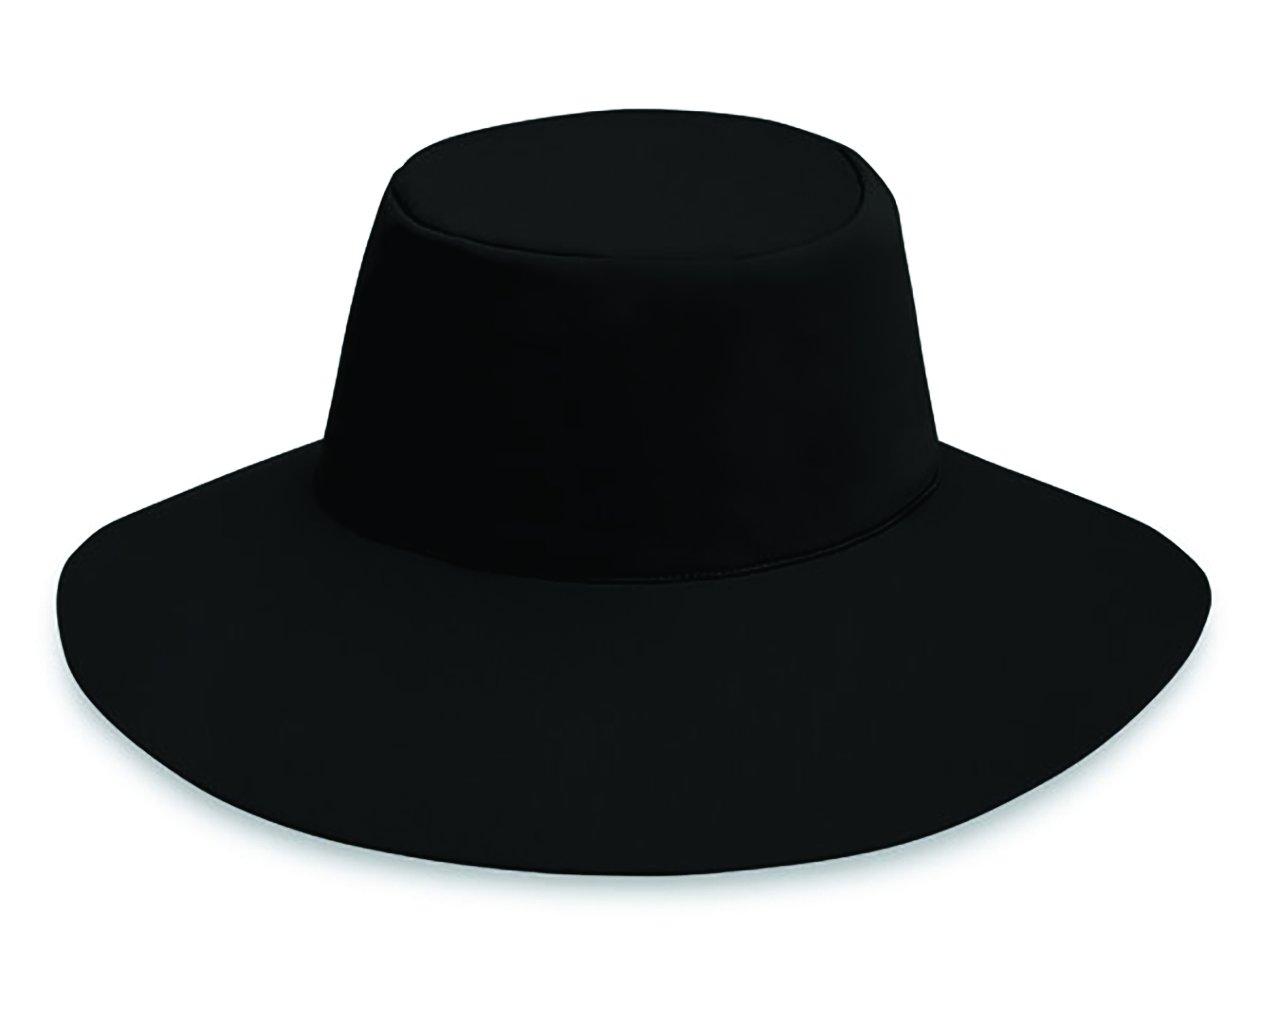 Wallaroo Hat Company Women's Aqua Hat - Black - UPF 50+, Ready for Adventure